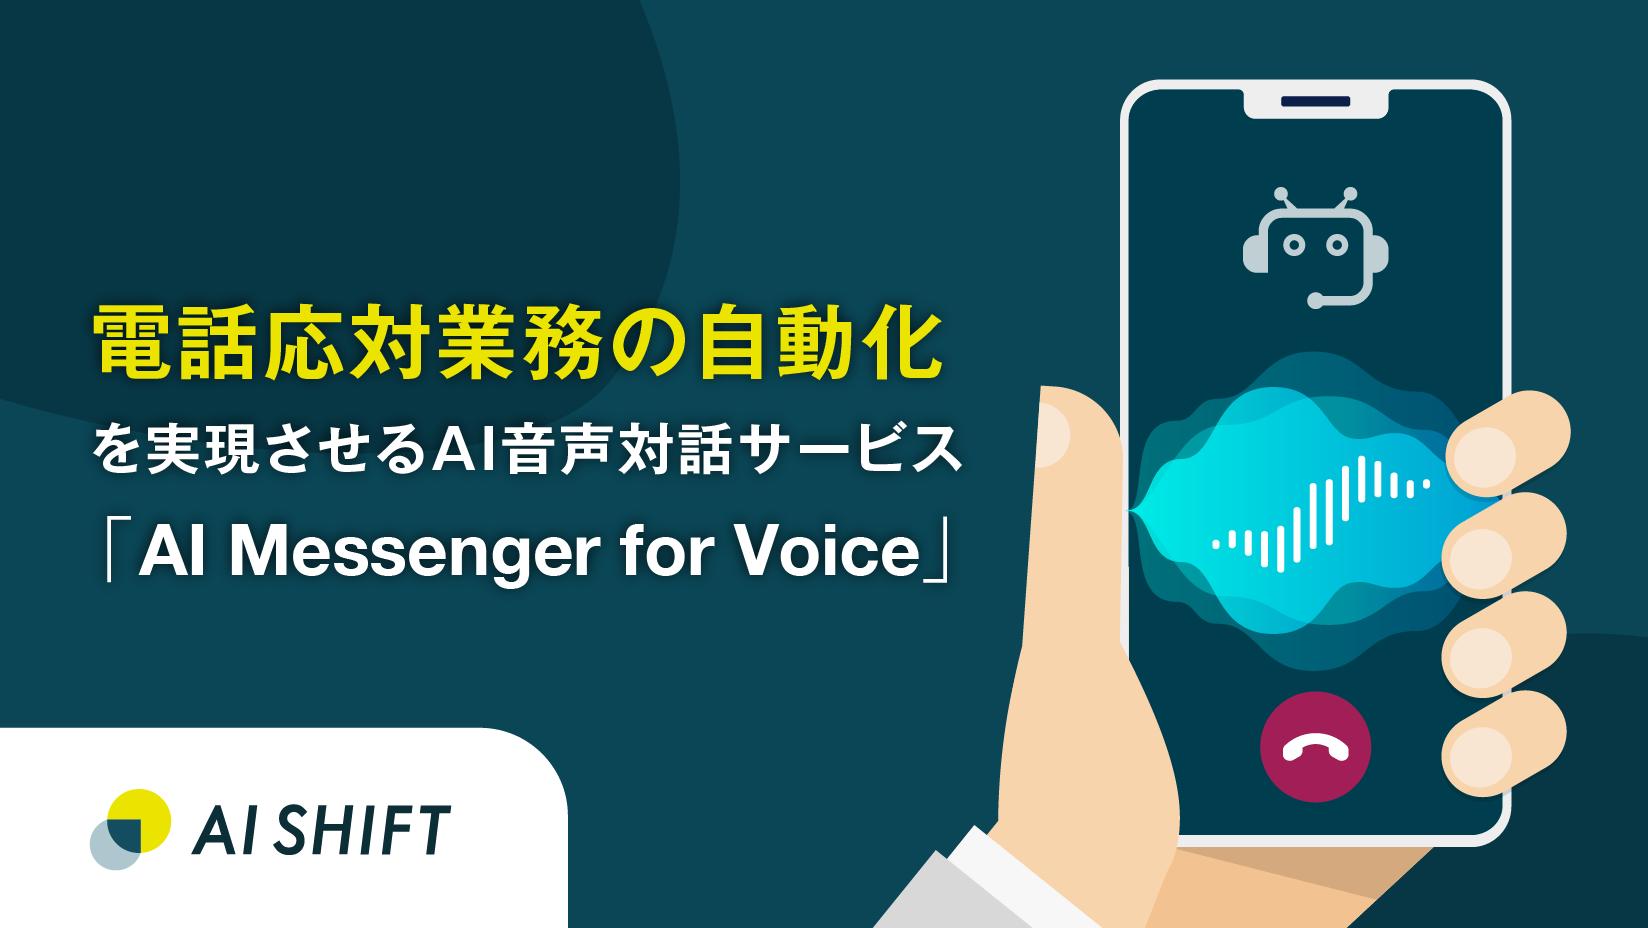 電話応対業務の自動化を実現させるAI音声対話サービス「AI Messenger for Voice」の提供を開始